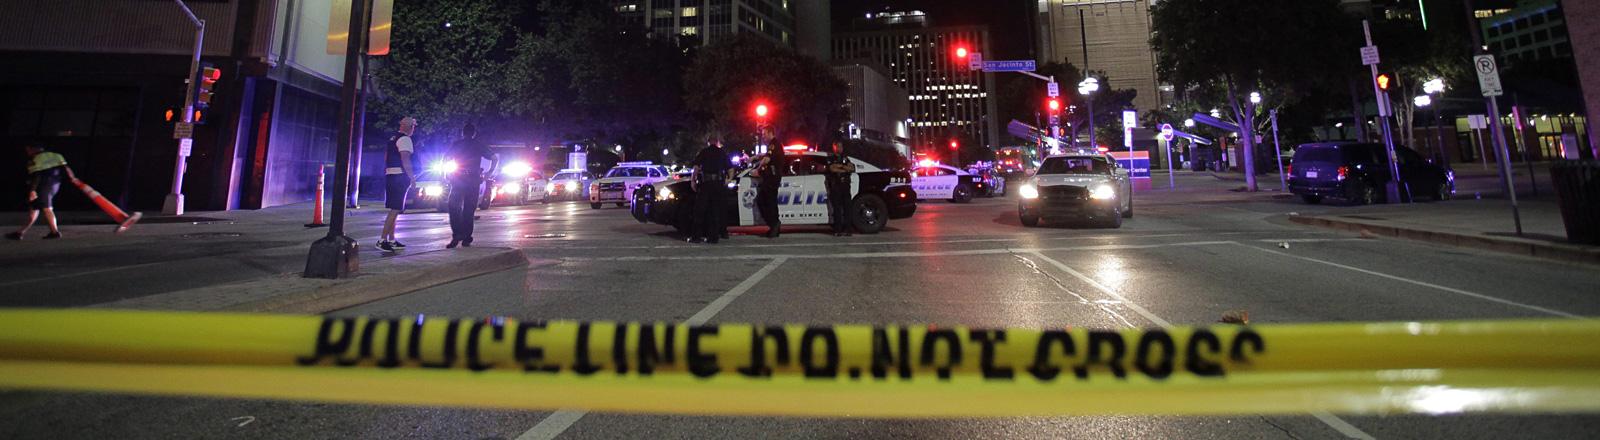 In der US-Stadt Dallas stehen Polizeiwagen auf einer Straßenkreuzung. Die Straße ist durch ein Band abgesperrt; Foto: dpa